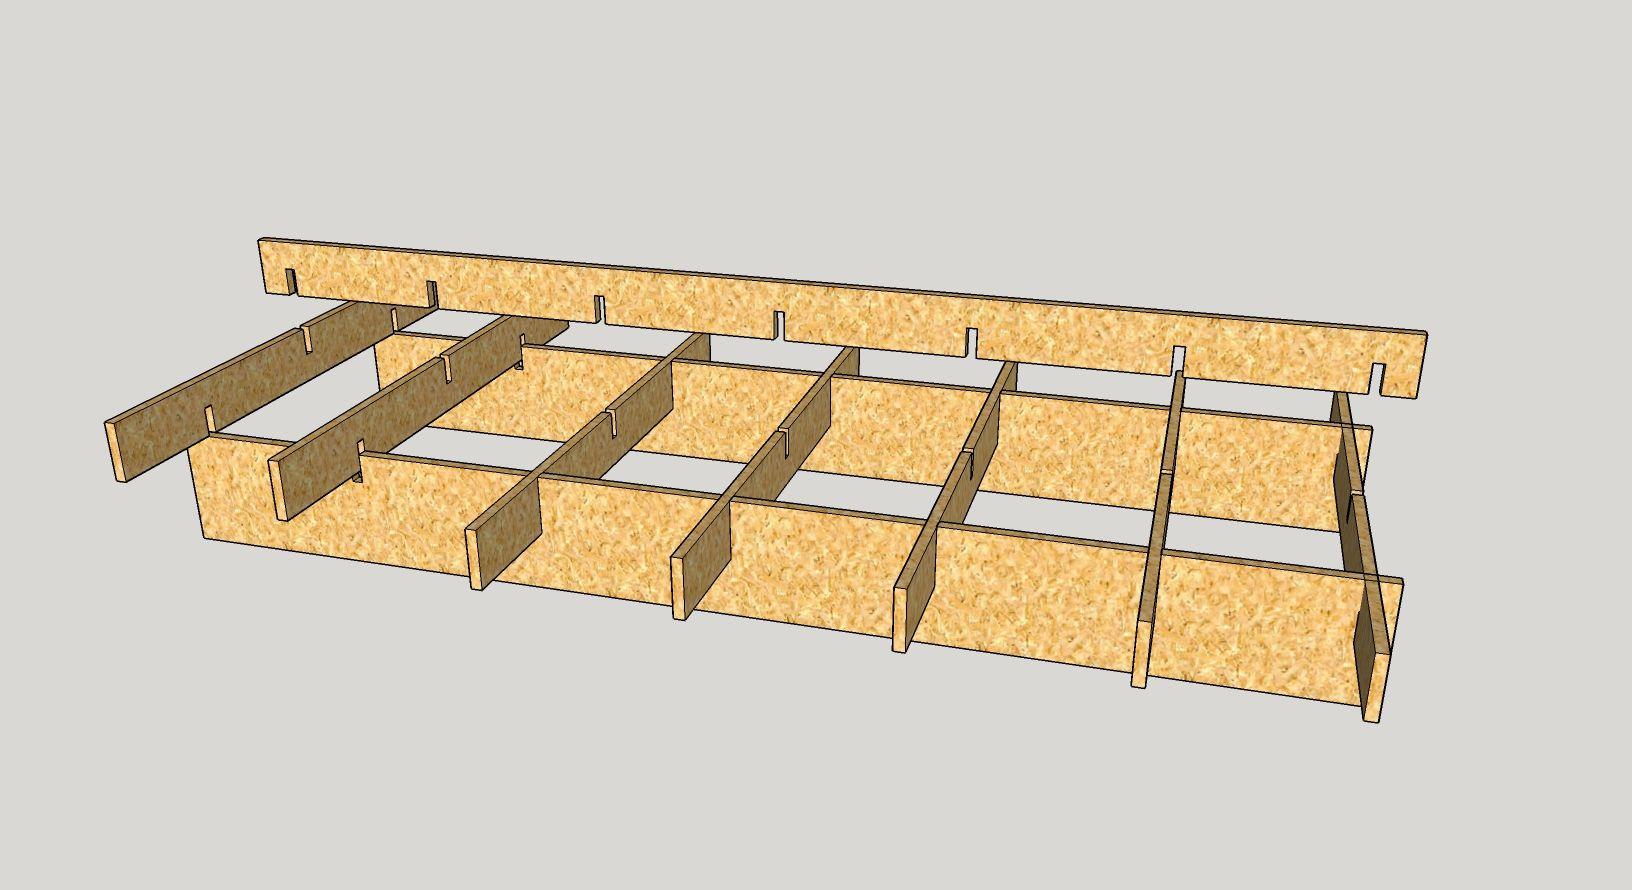 sägetisch zerlegbar für plattenholz bauanleitung zum selber